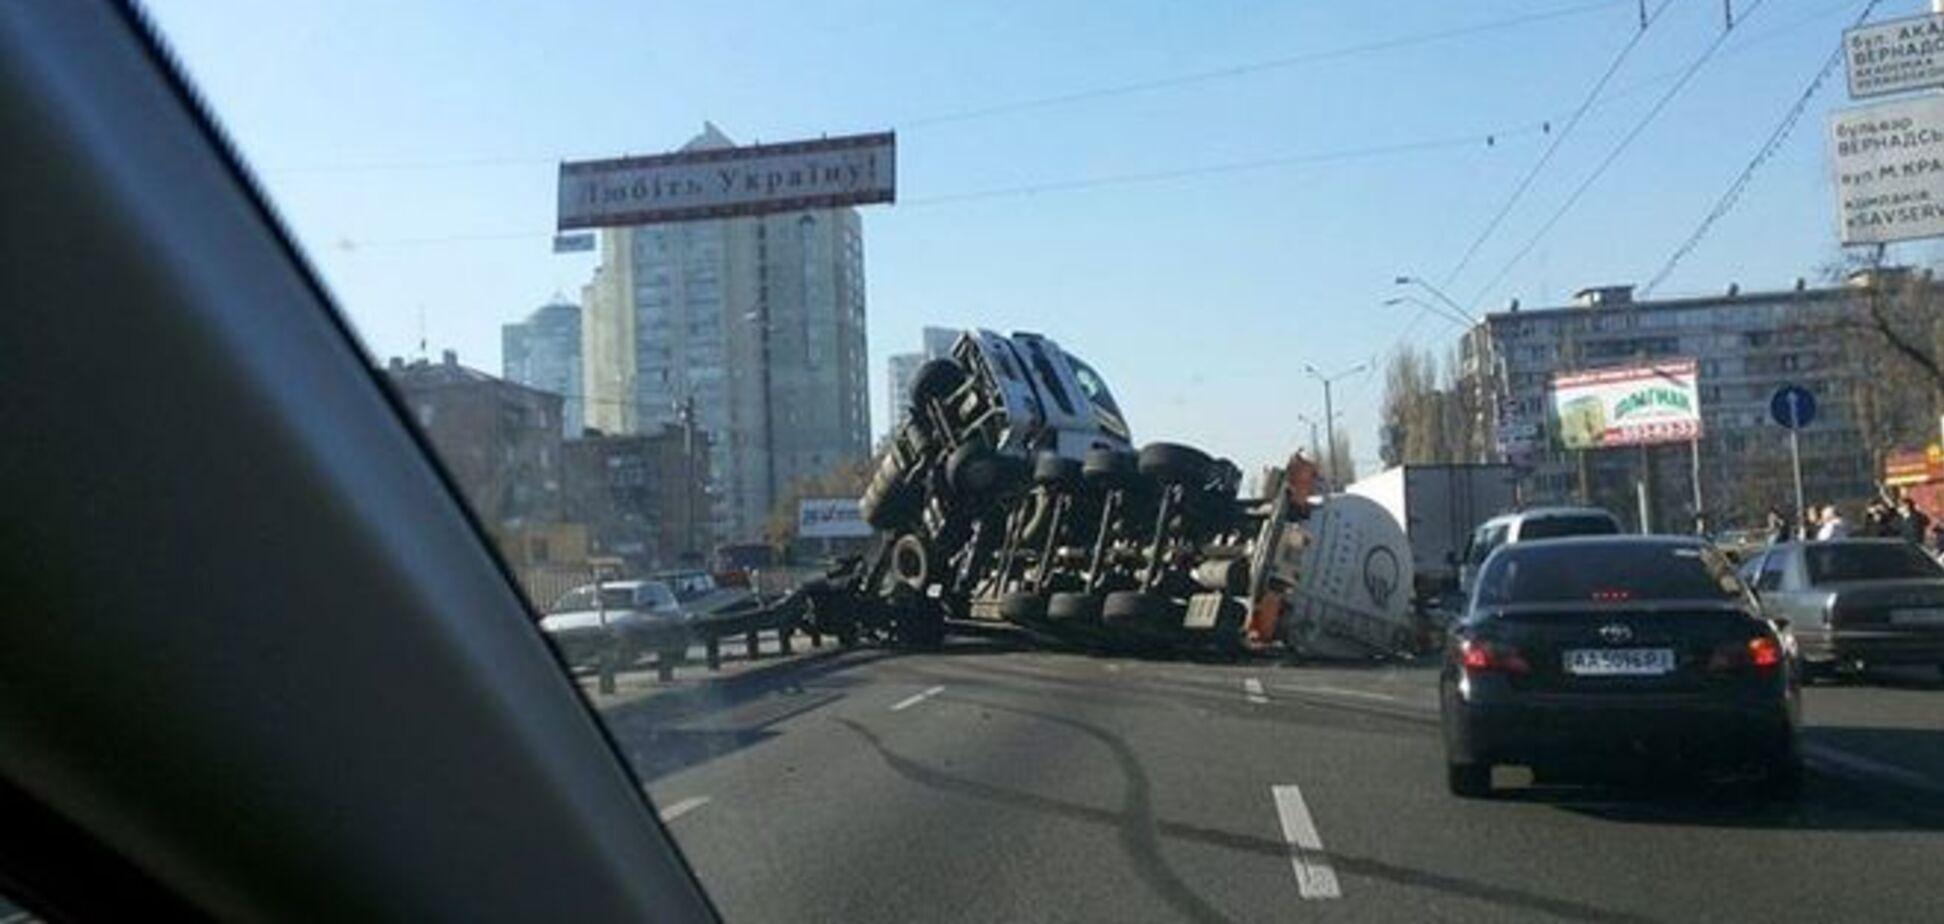 ДТП с фурой подсолнечного масла в Киеве: новые подробности